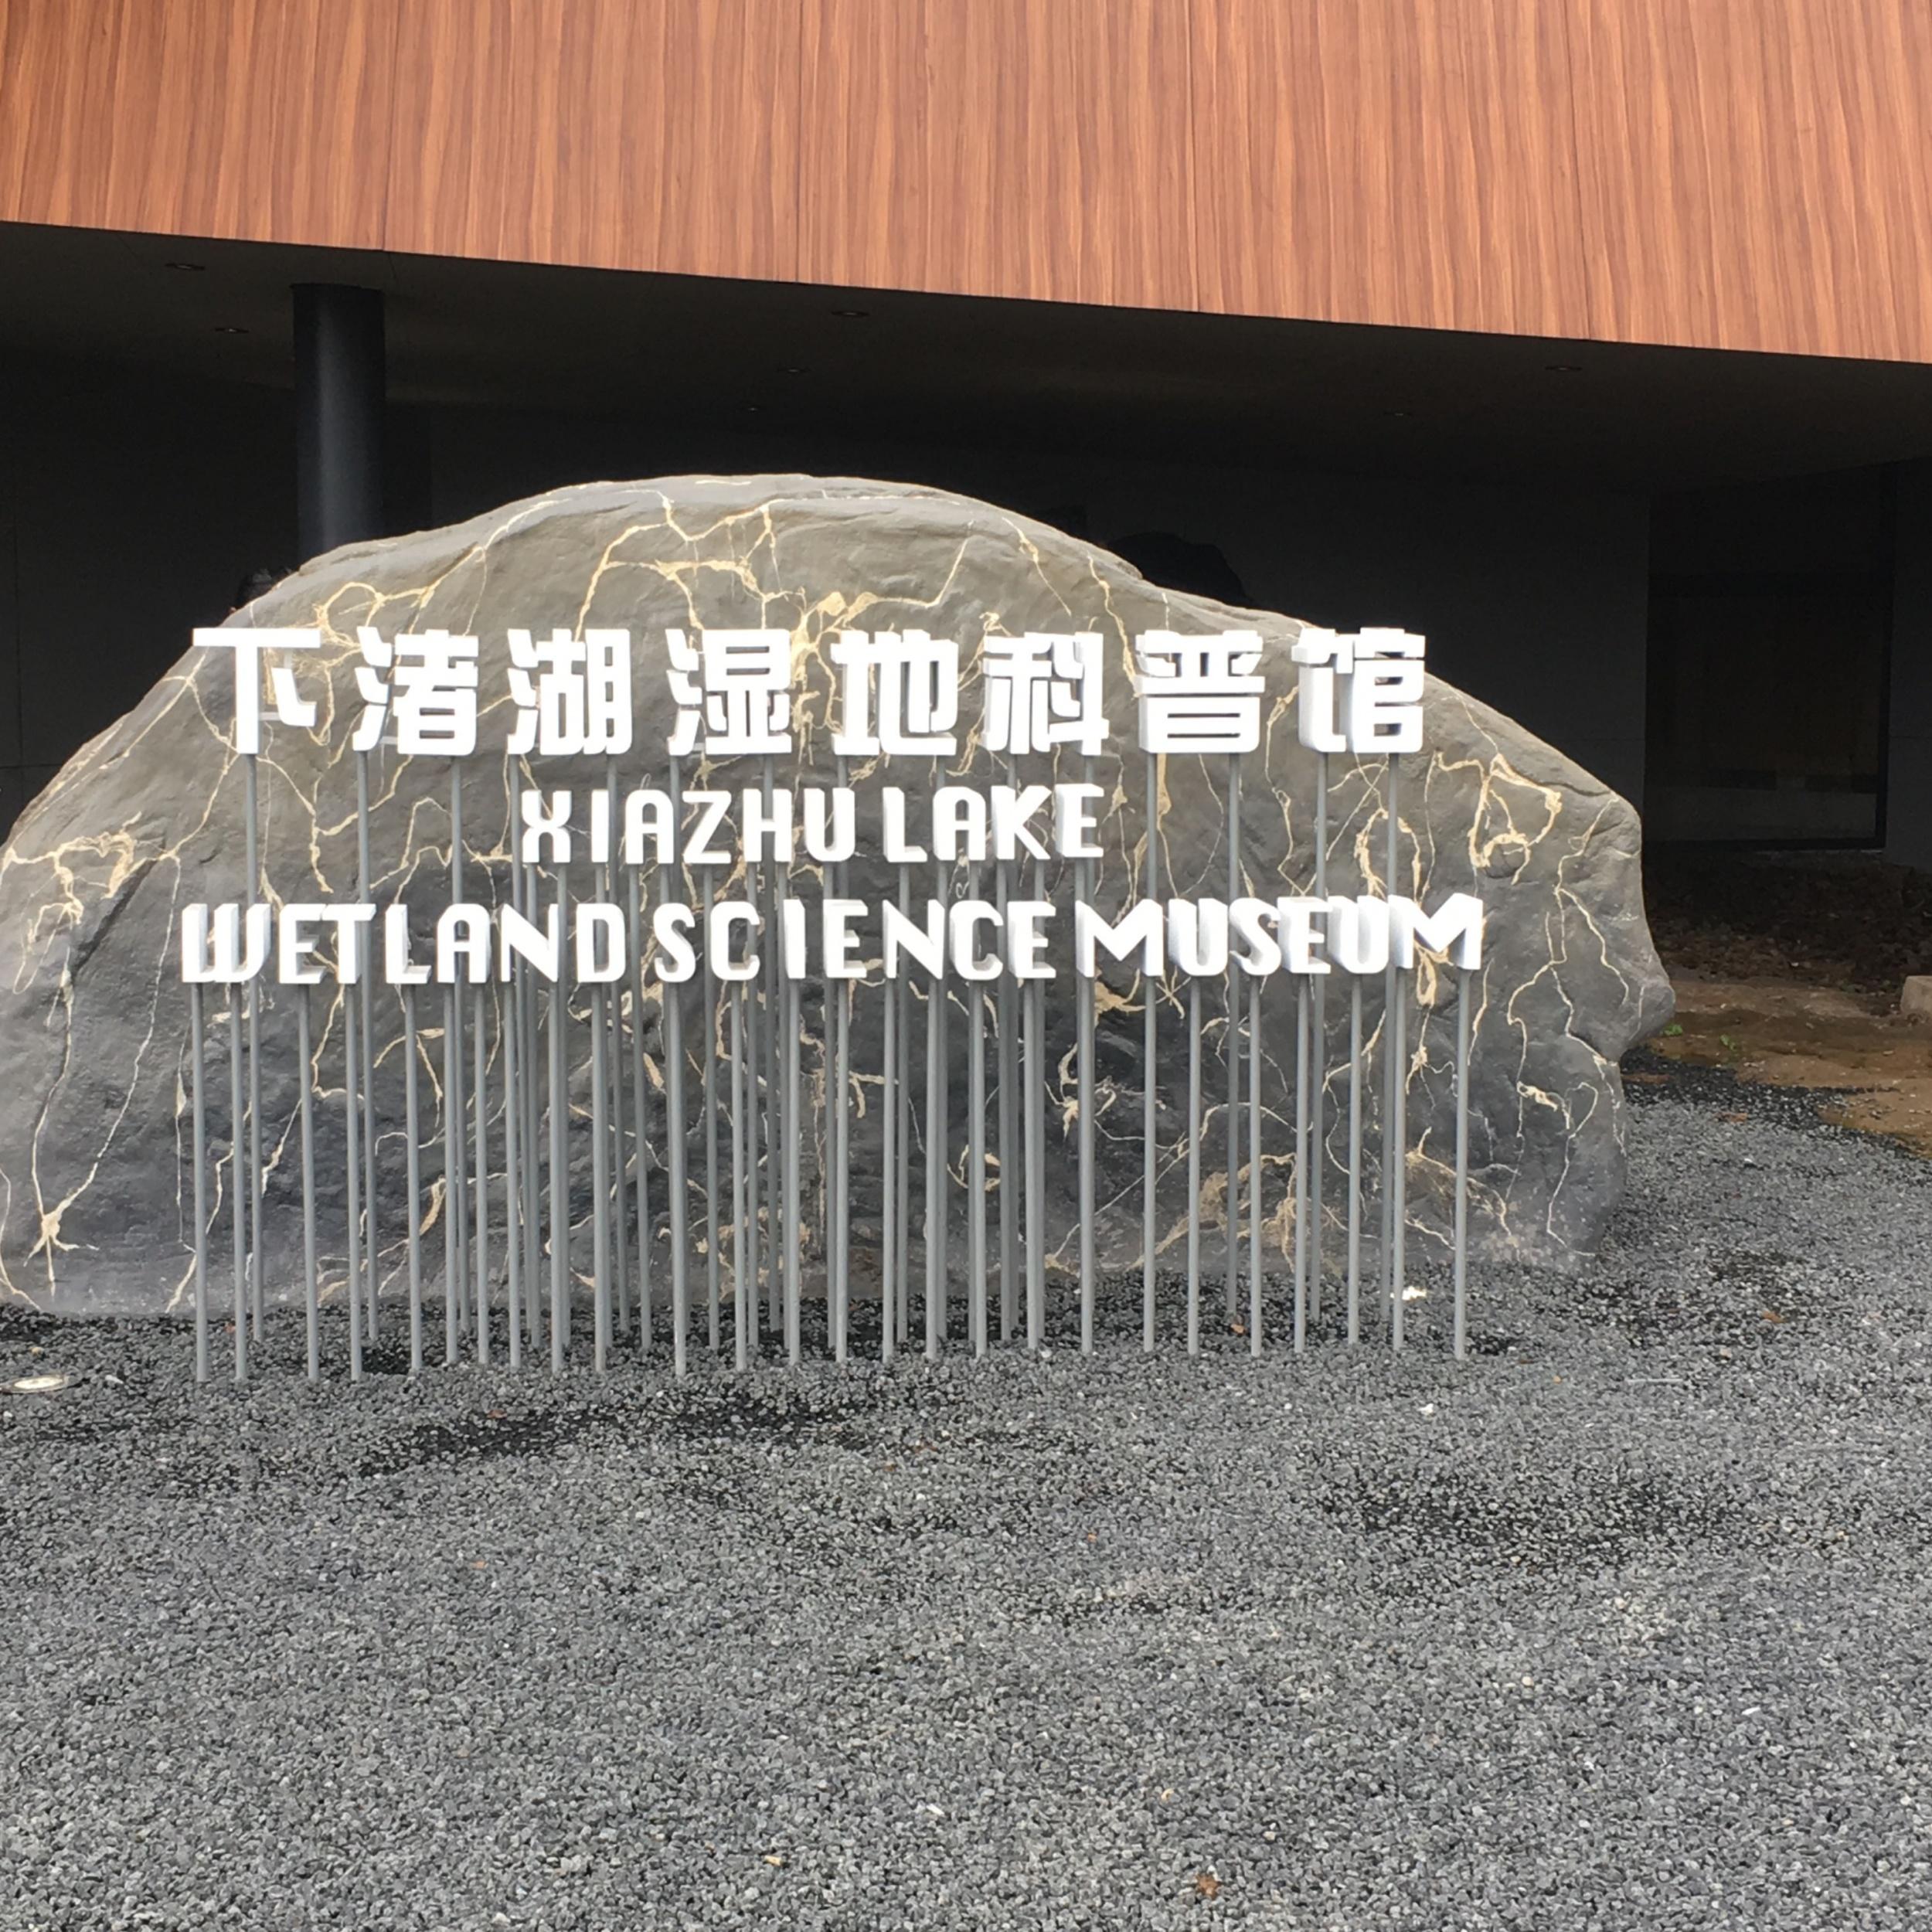 下渚湖湿地科普馆